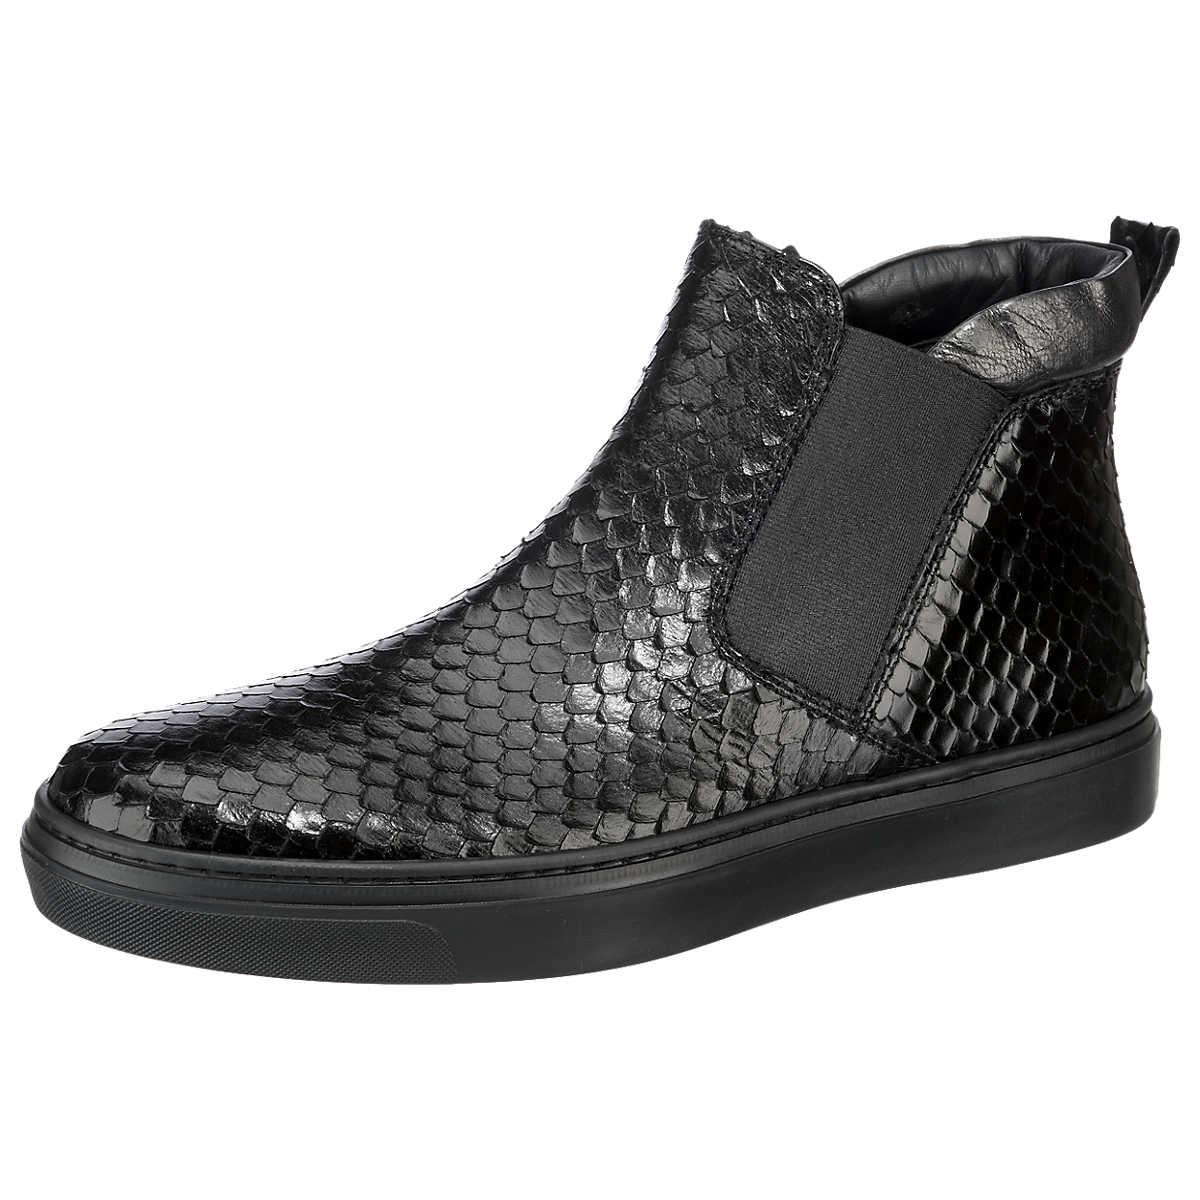 Tine�´s Stiefeletten schwarz - Tine�´s - Stiefeletten - Schuhe - mirapodo.de